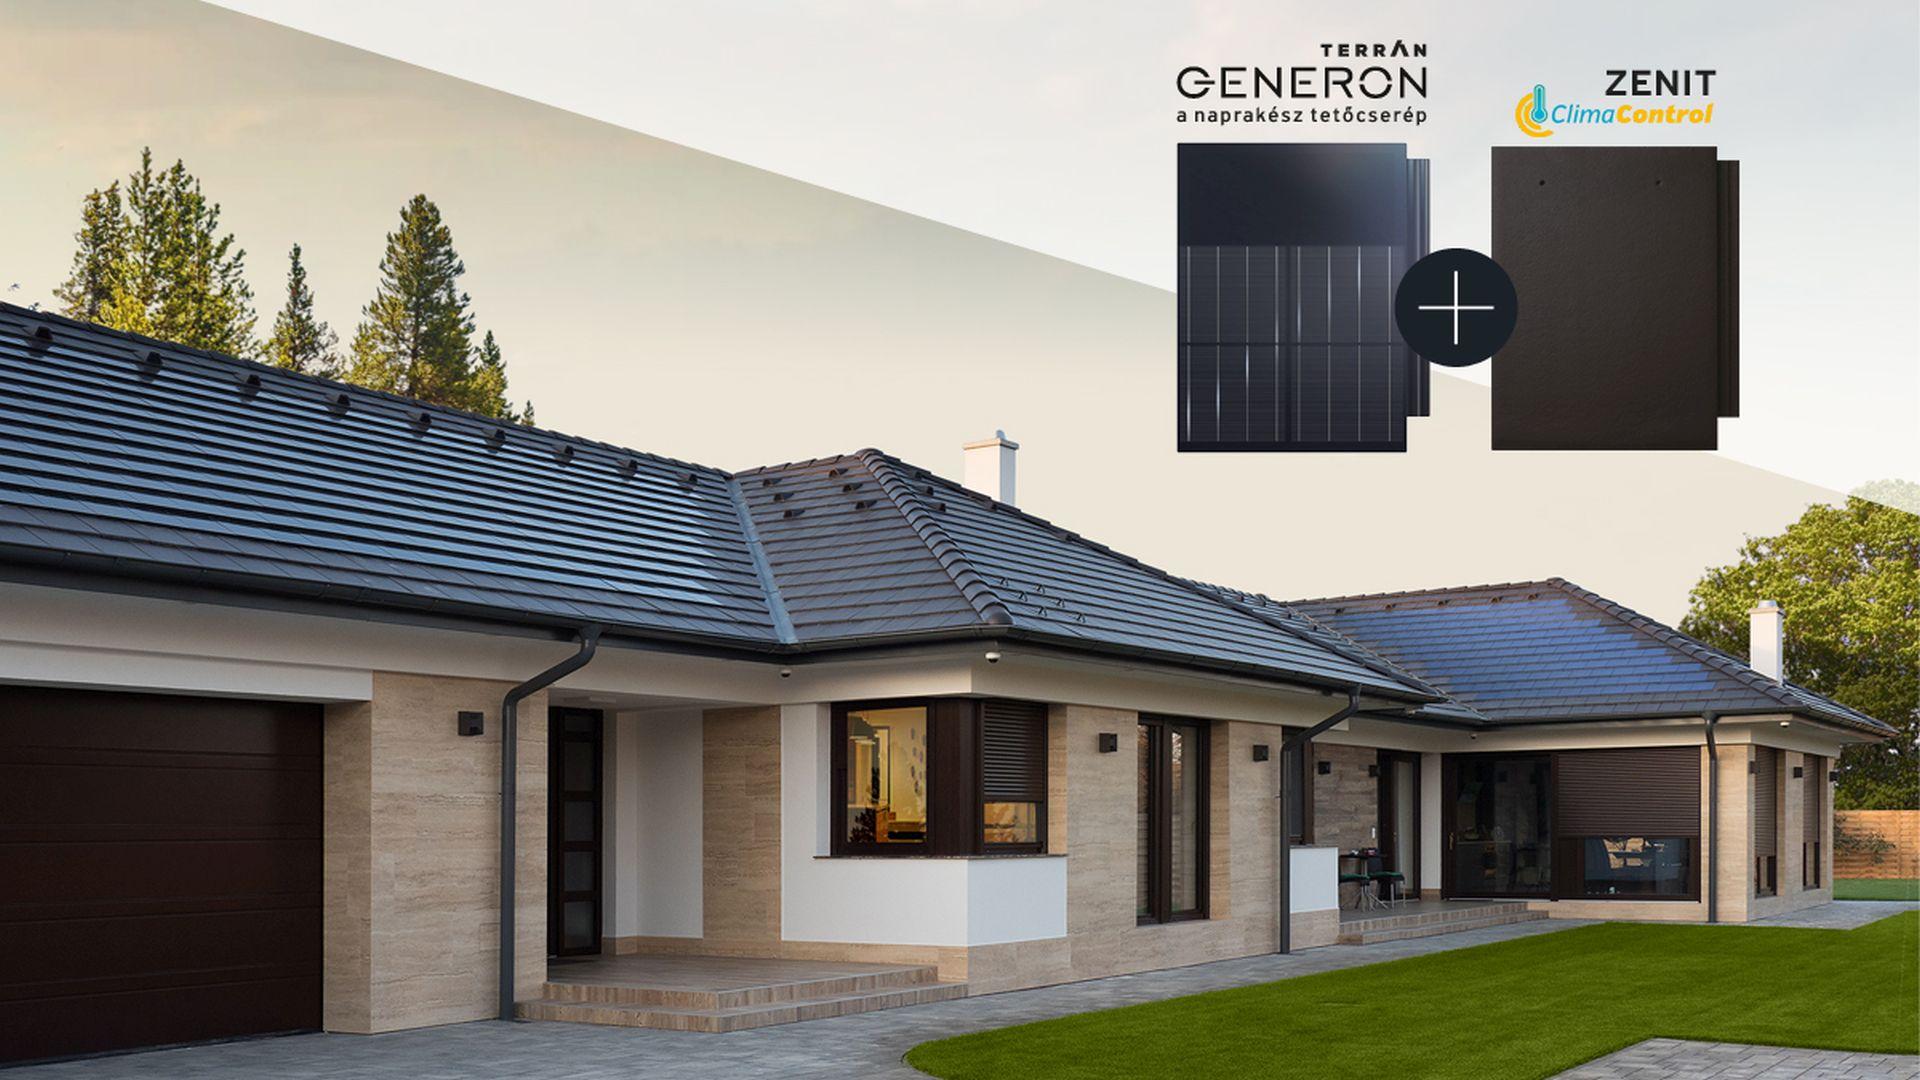 Letisztult, modern, napelemes tetőcserép